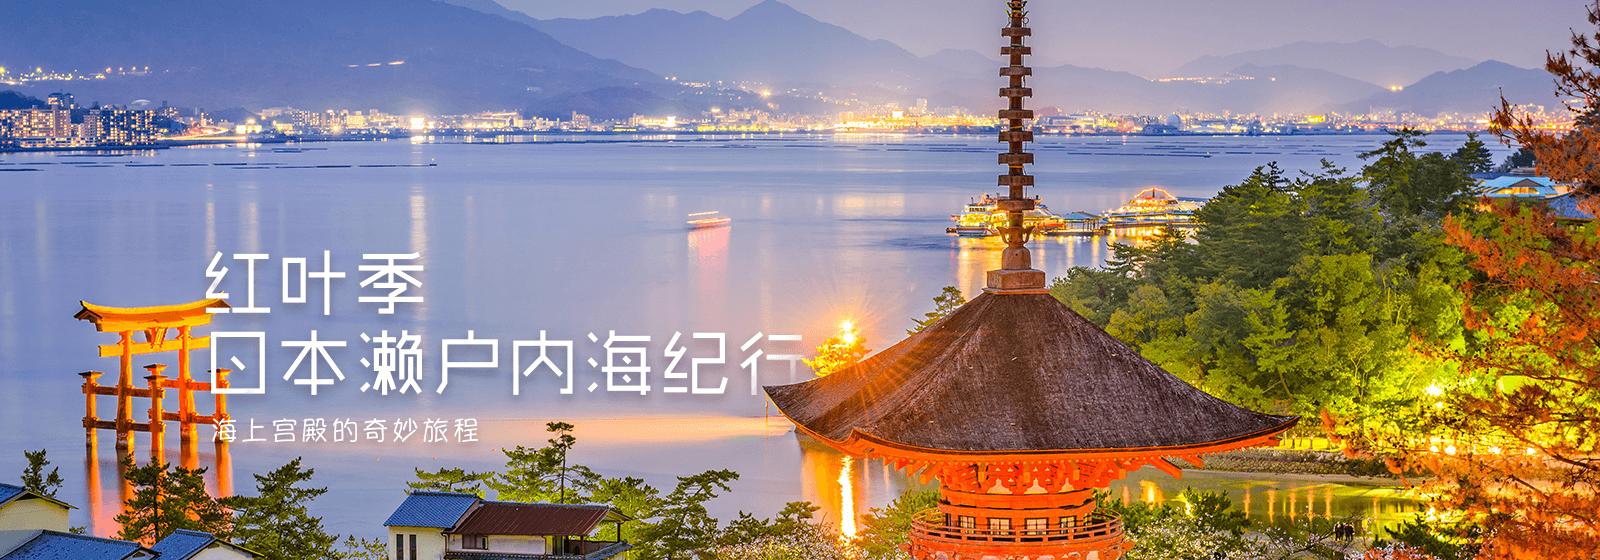 北海道枫叶